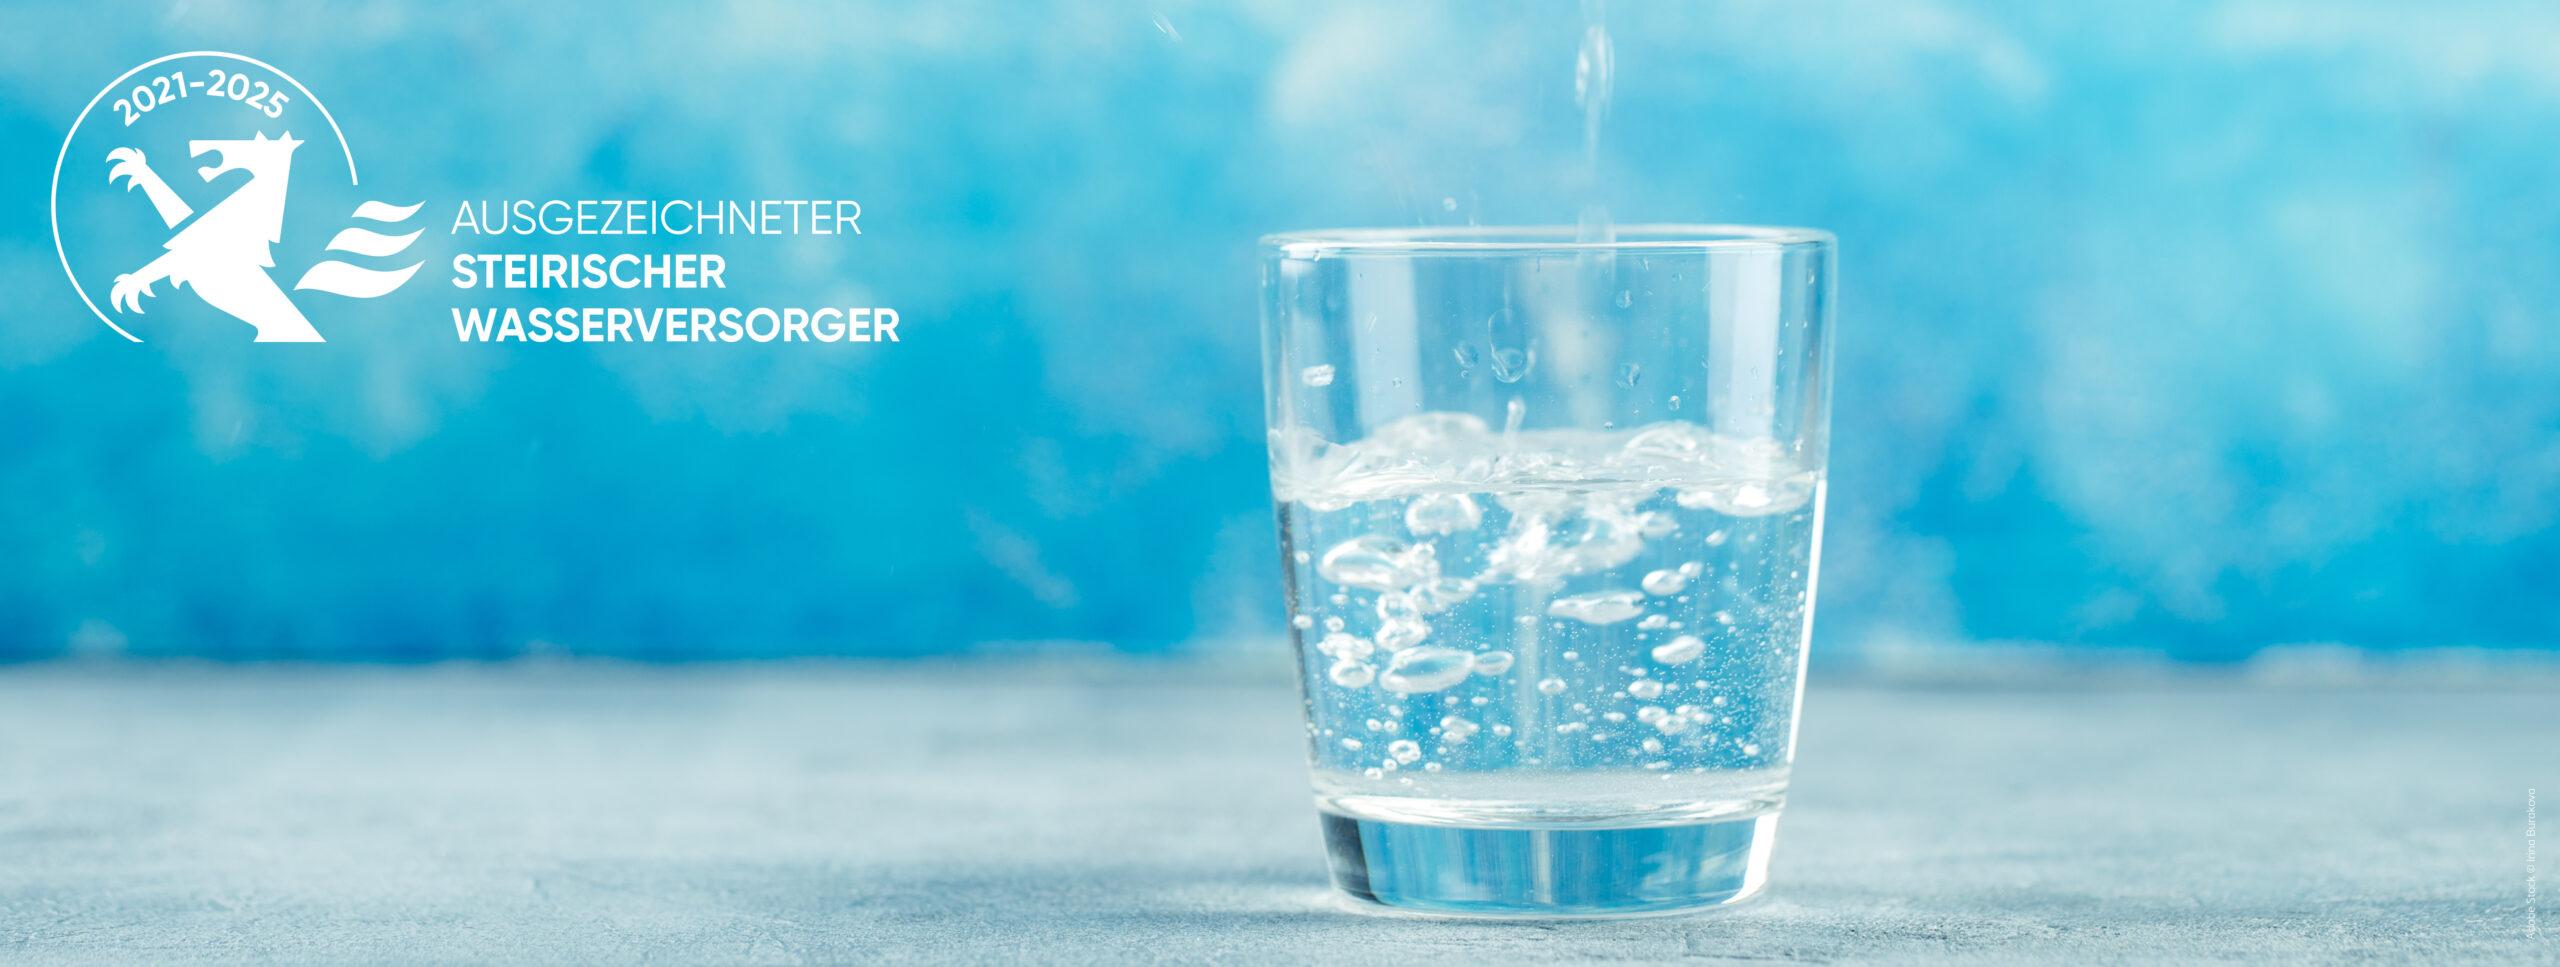 Gütesiegel Wasserversorgung